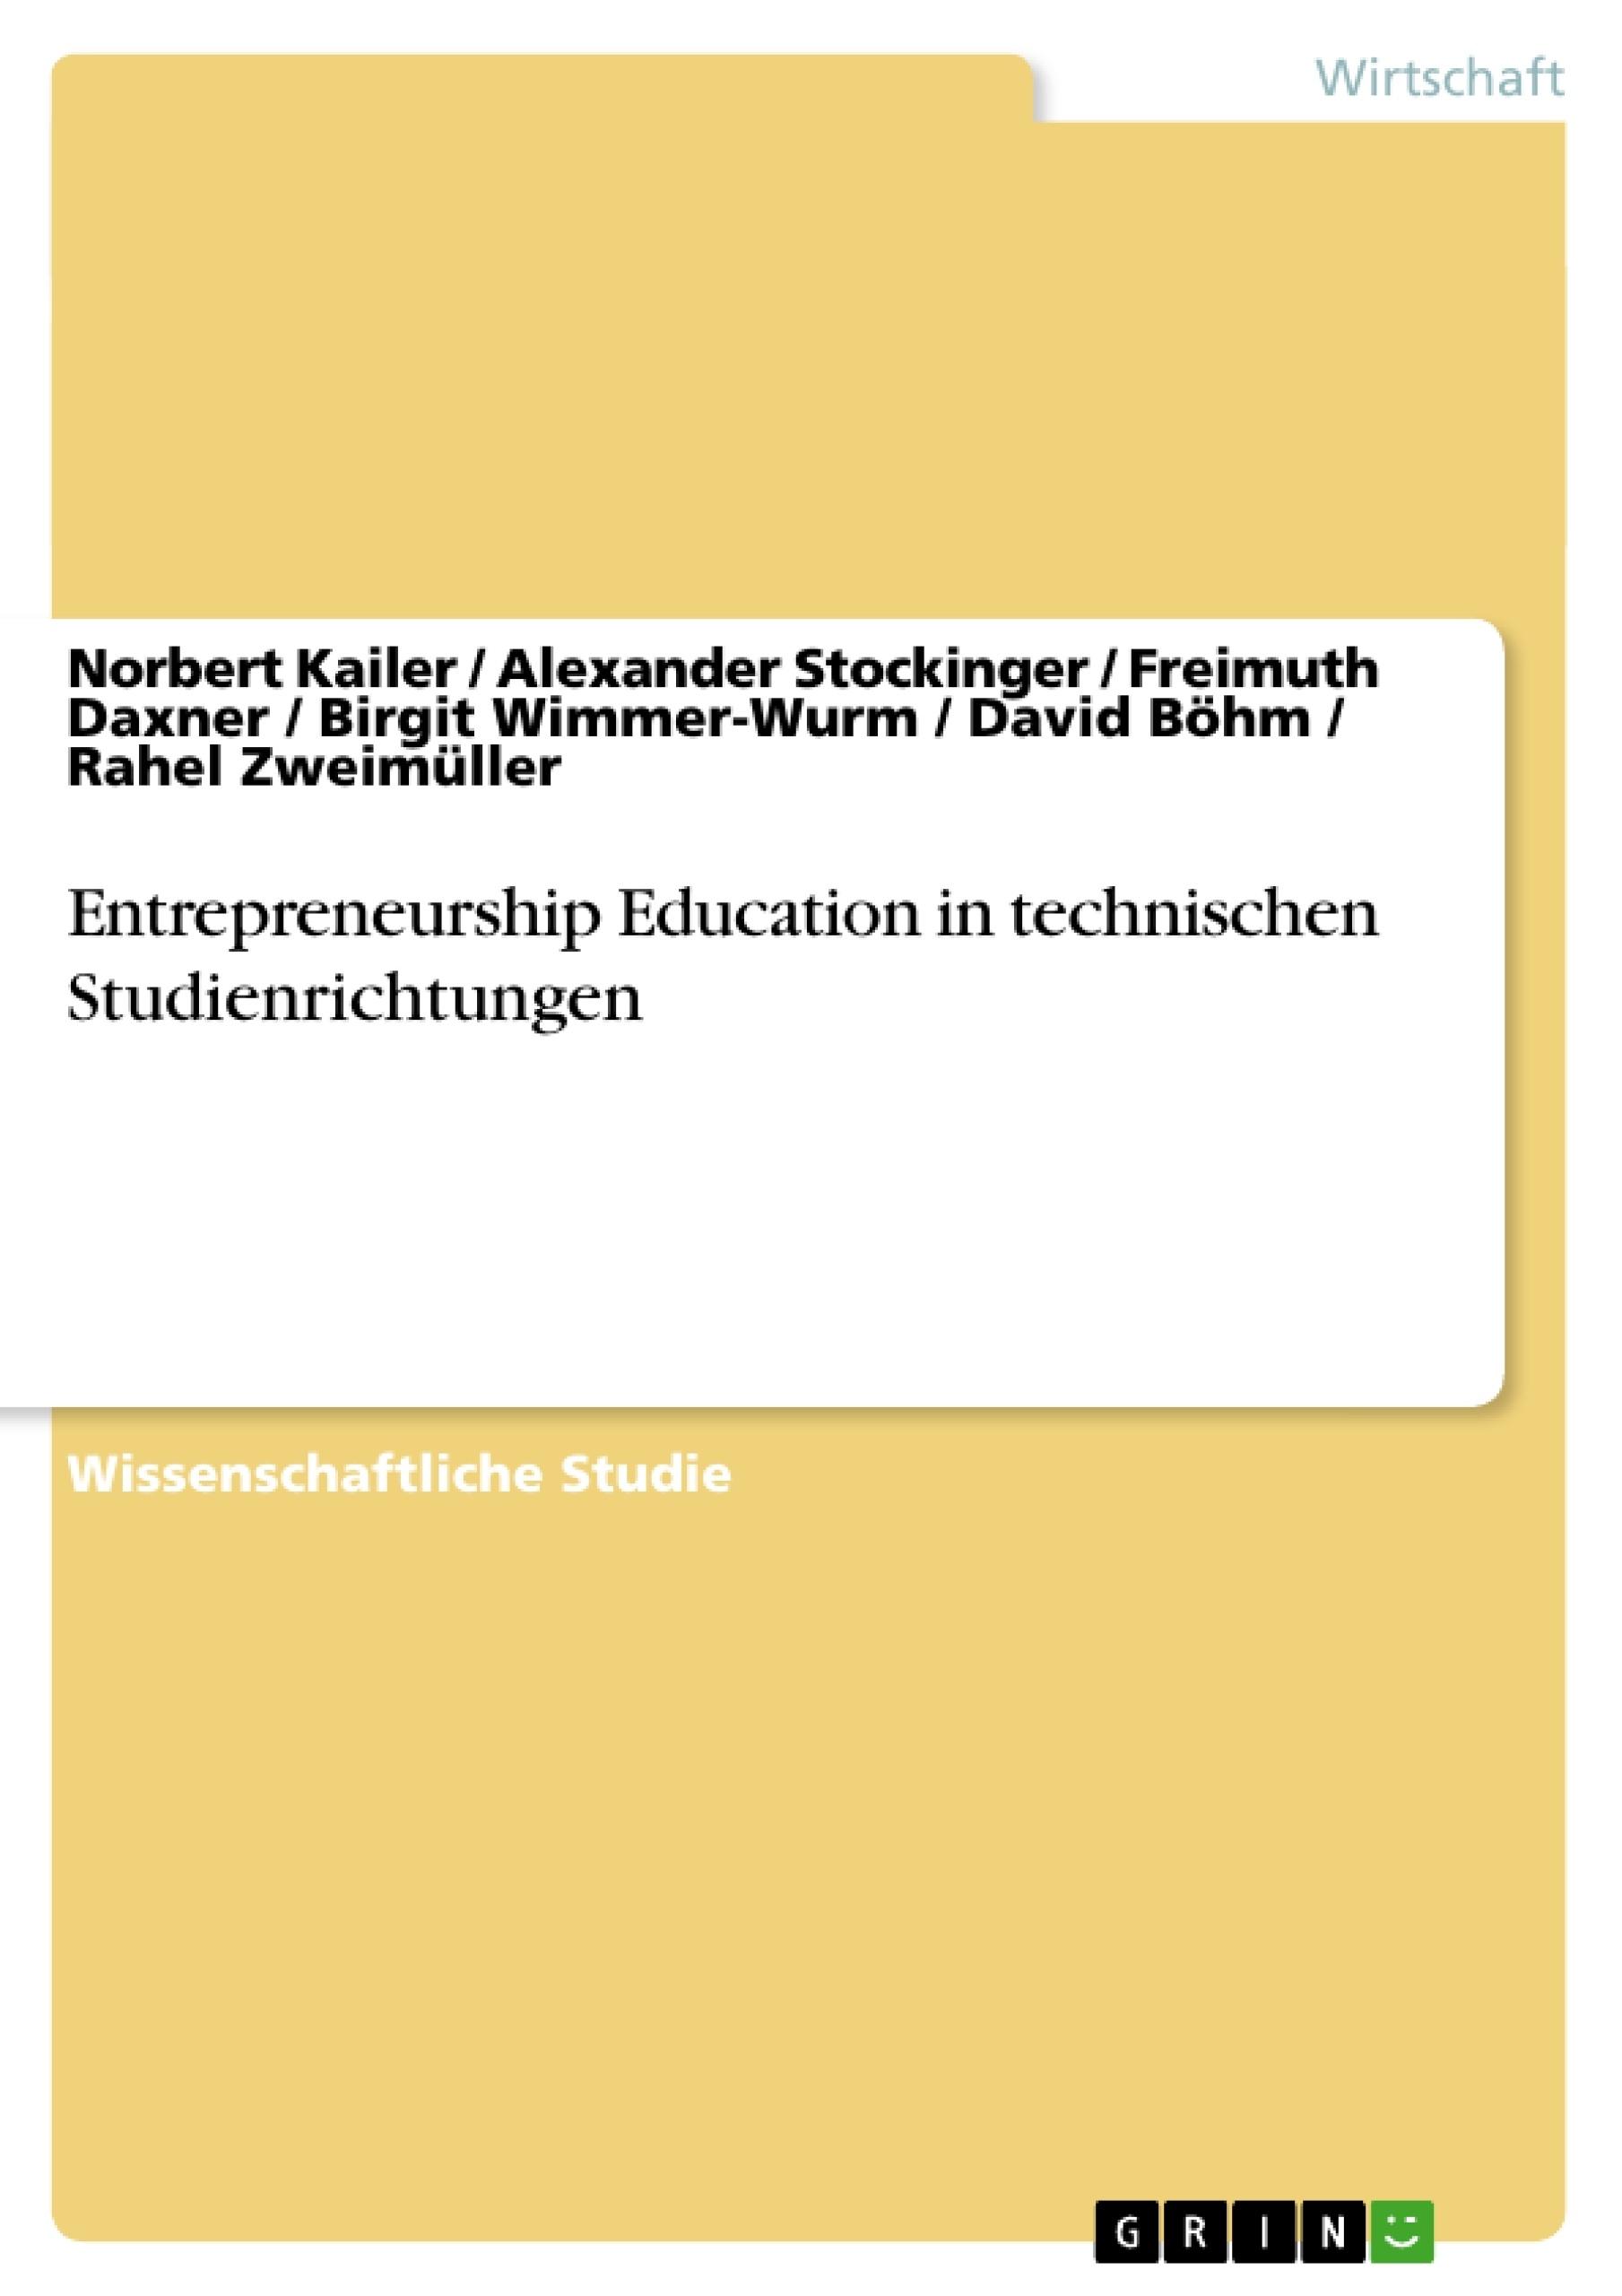 Titel: Entrepreneurship Education in technischen Studienrichtungen